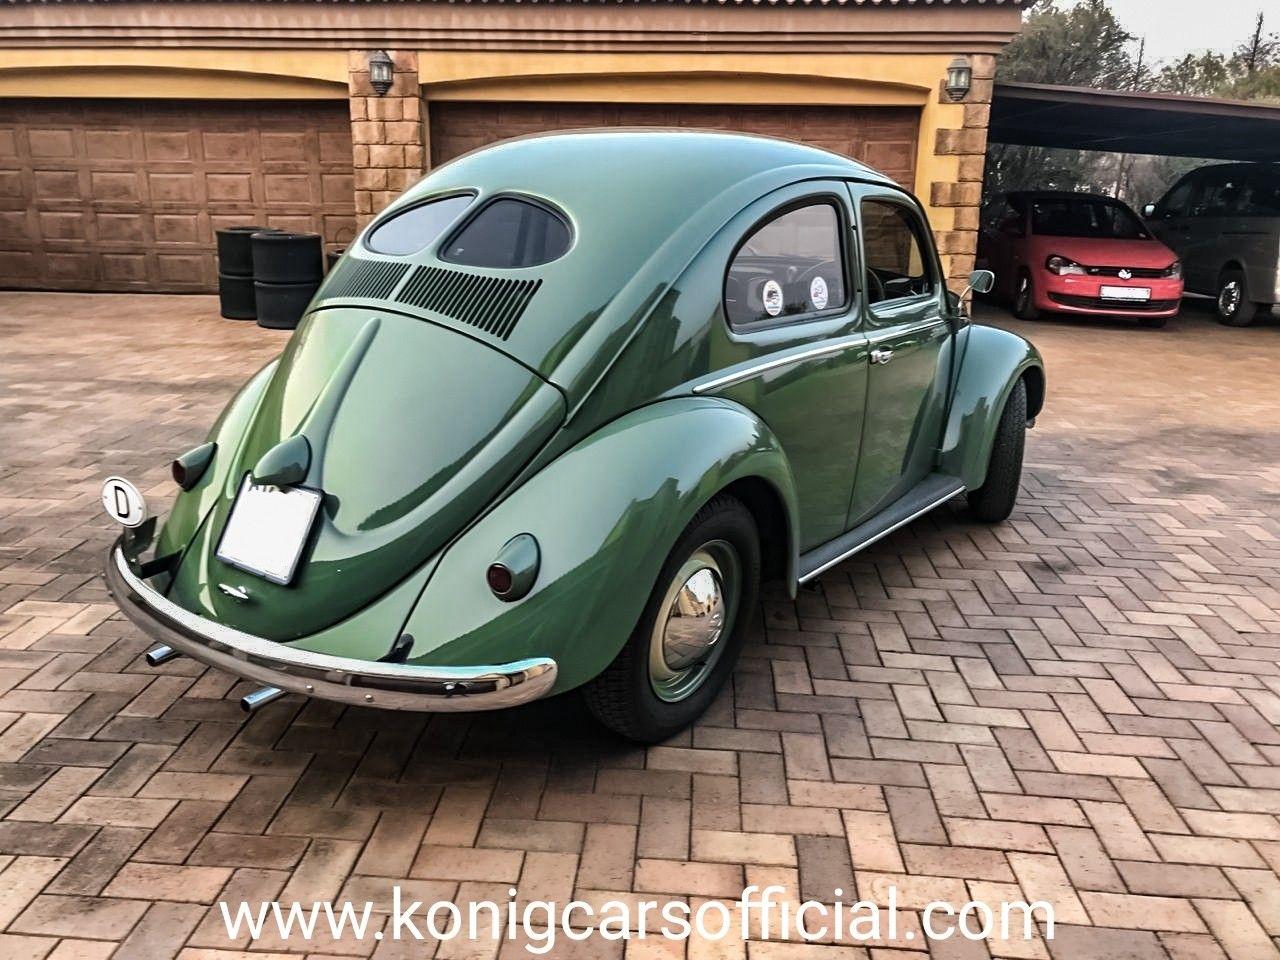 1952 Volkswagen Beetle Split Window In 2020 Volkswagen Car Volkswagen Beetle Volkswagen